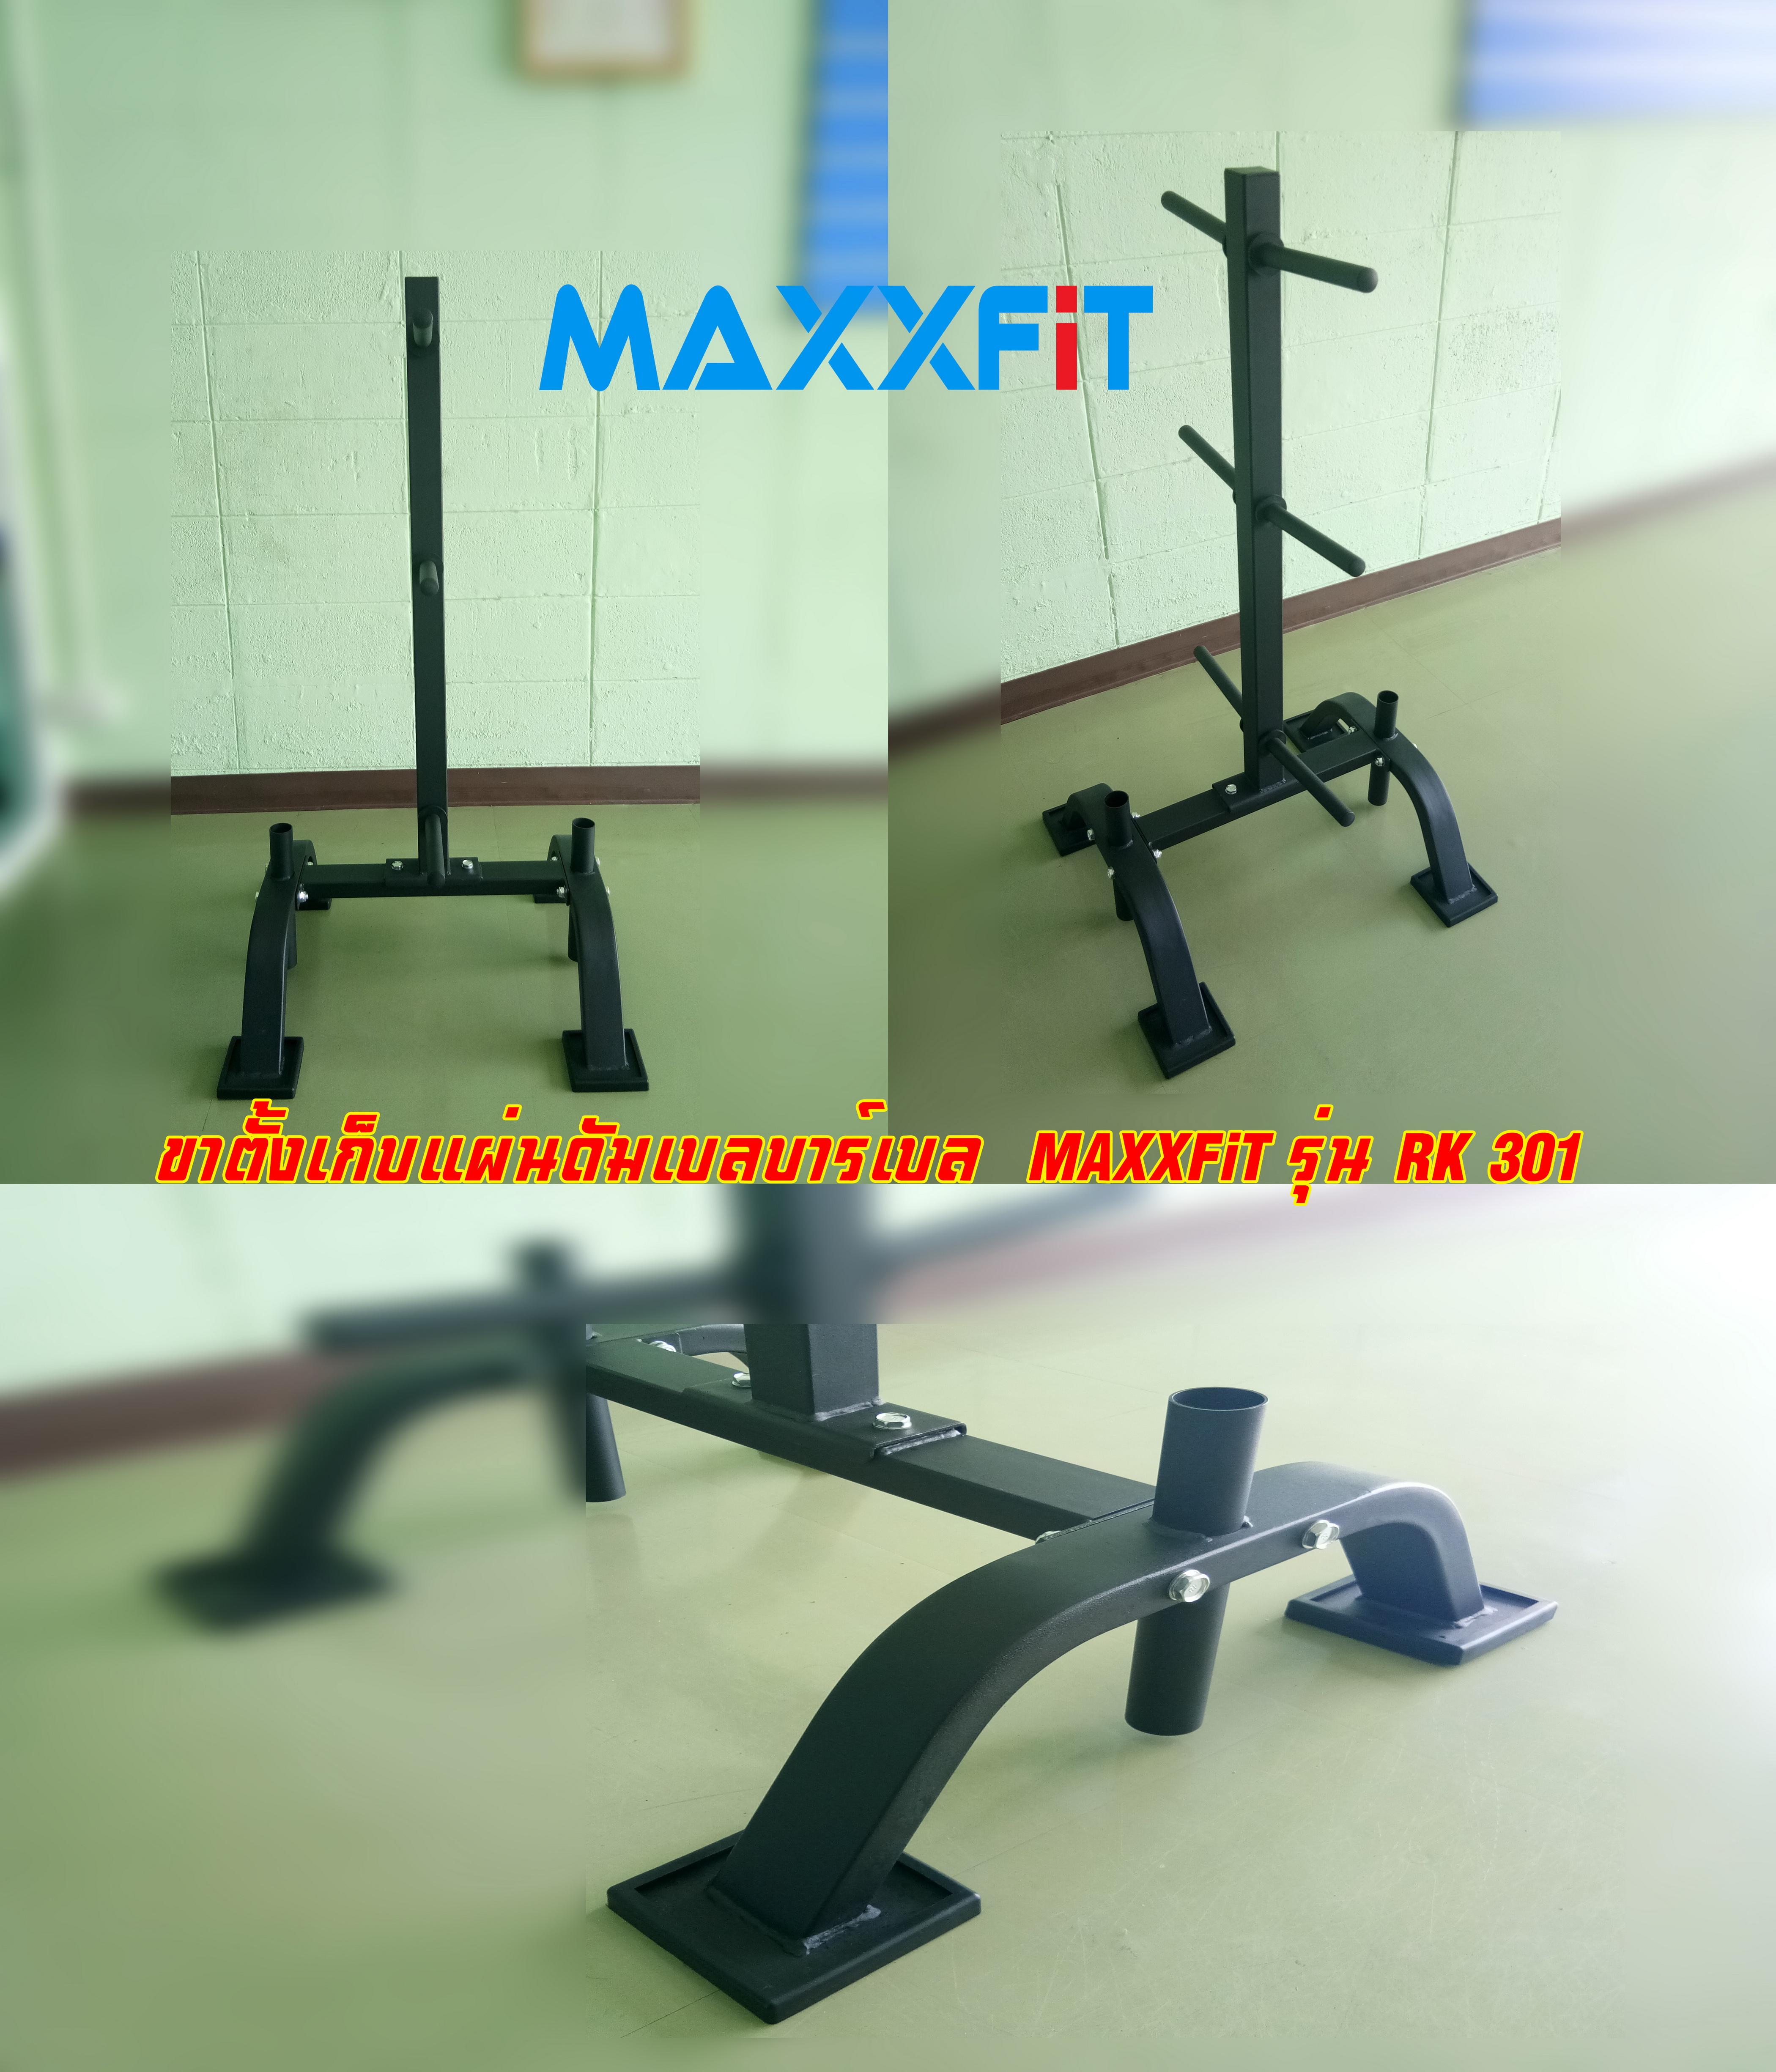 ขาย ขาตั้งเก็บแผ่นดัมเบลบาร์เบล MAXXFiT รุ่น RK 301 Weight Plate Trees Rack